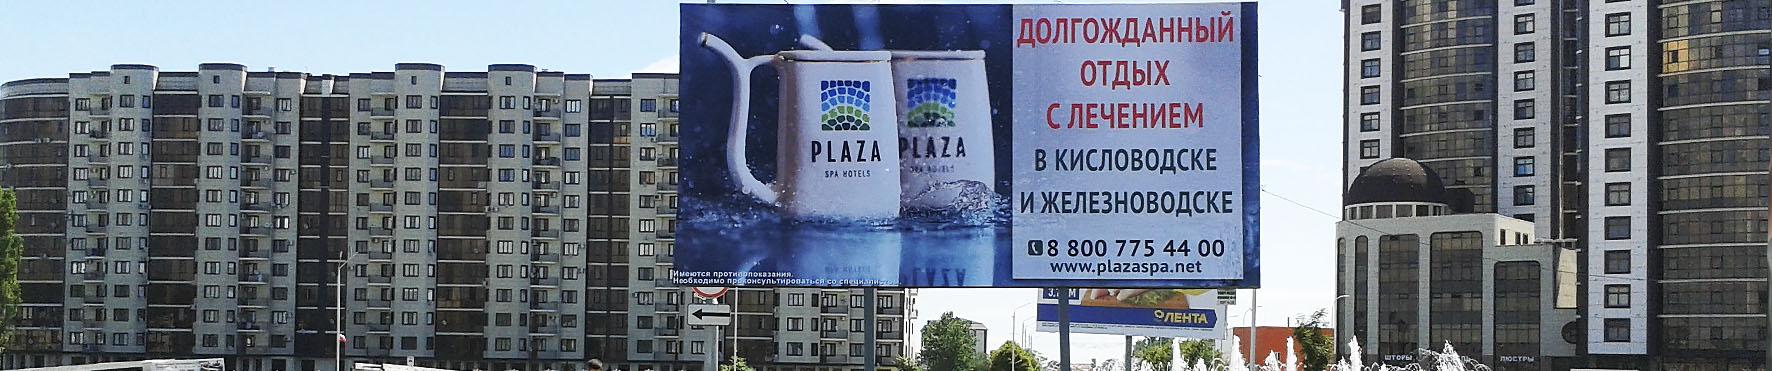 Реклама в центре Грозного чечня